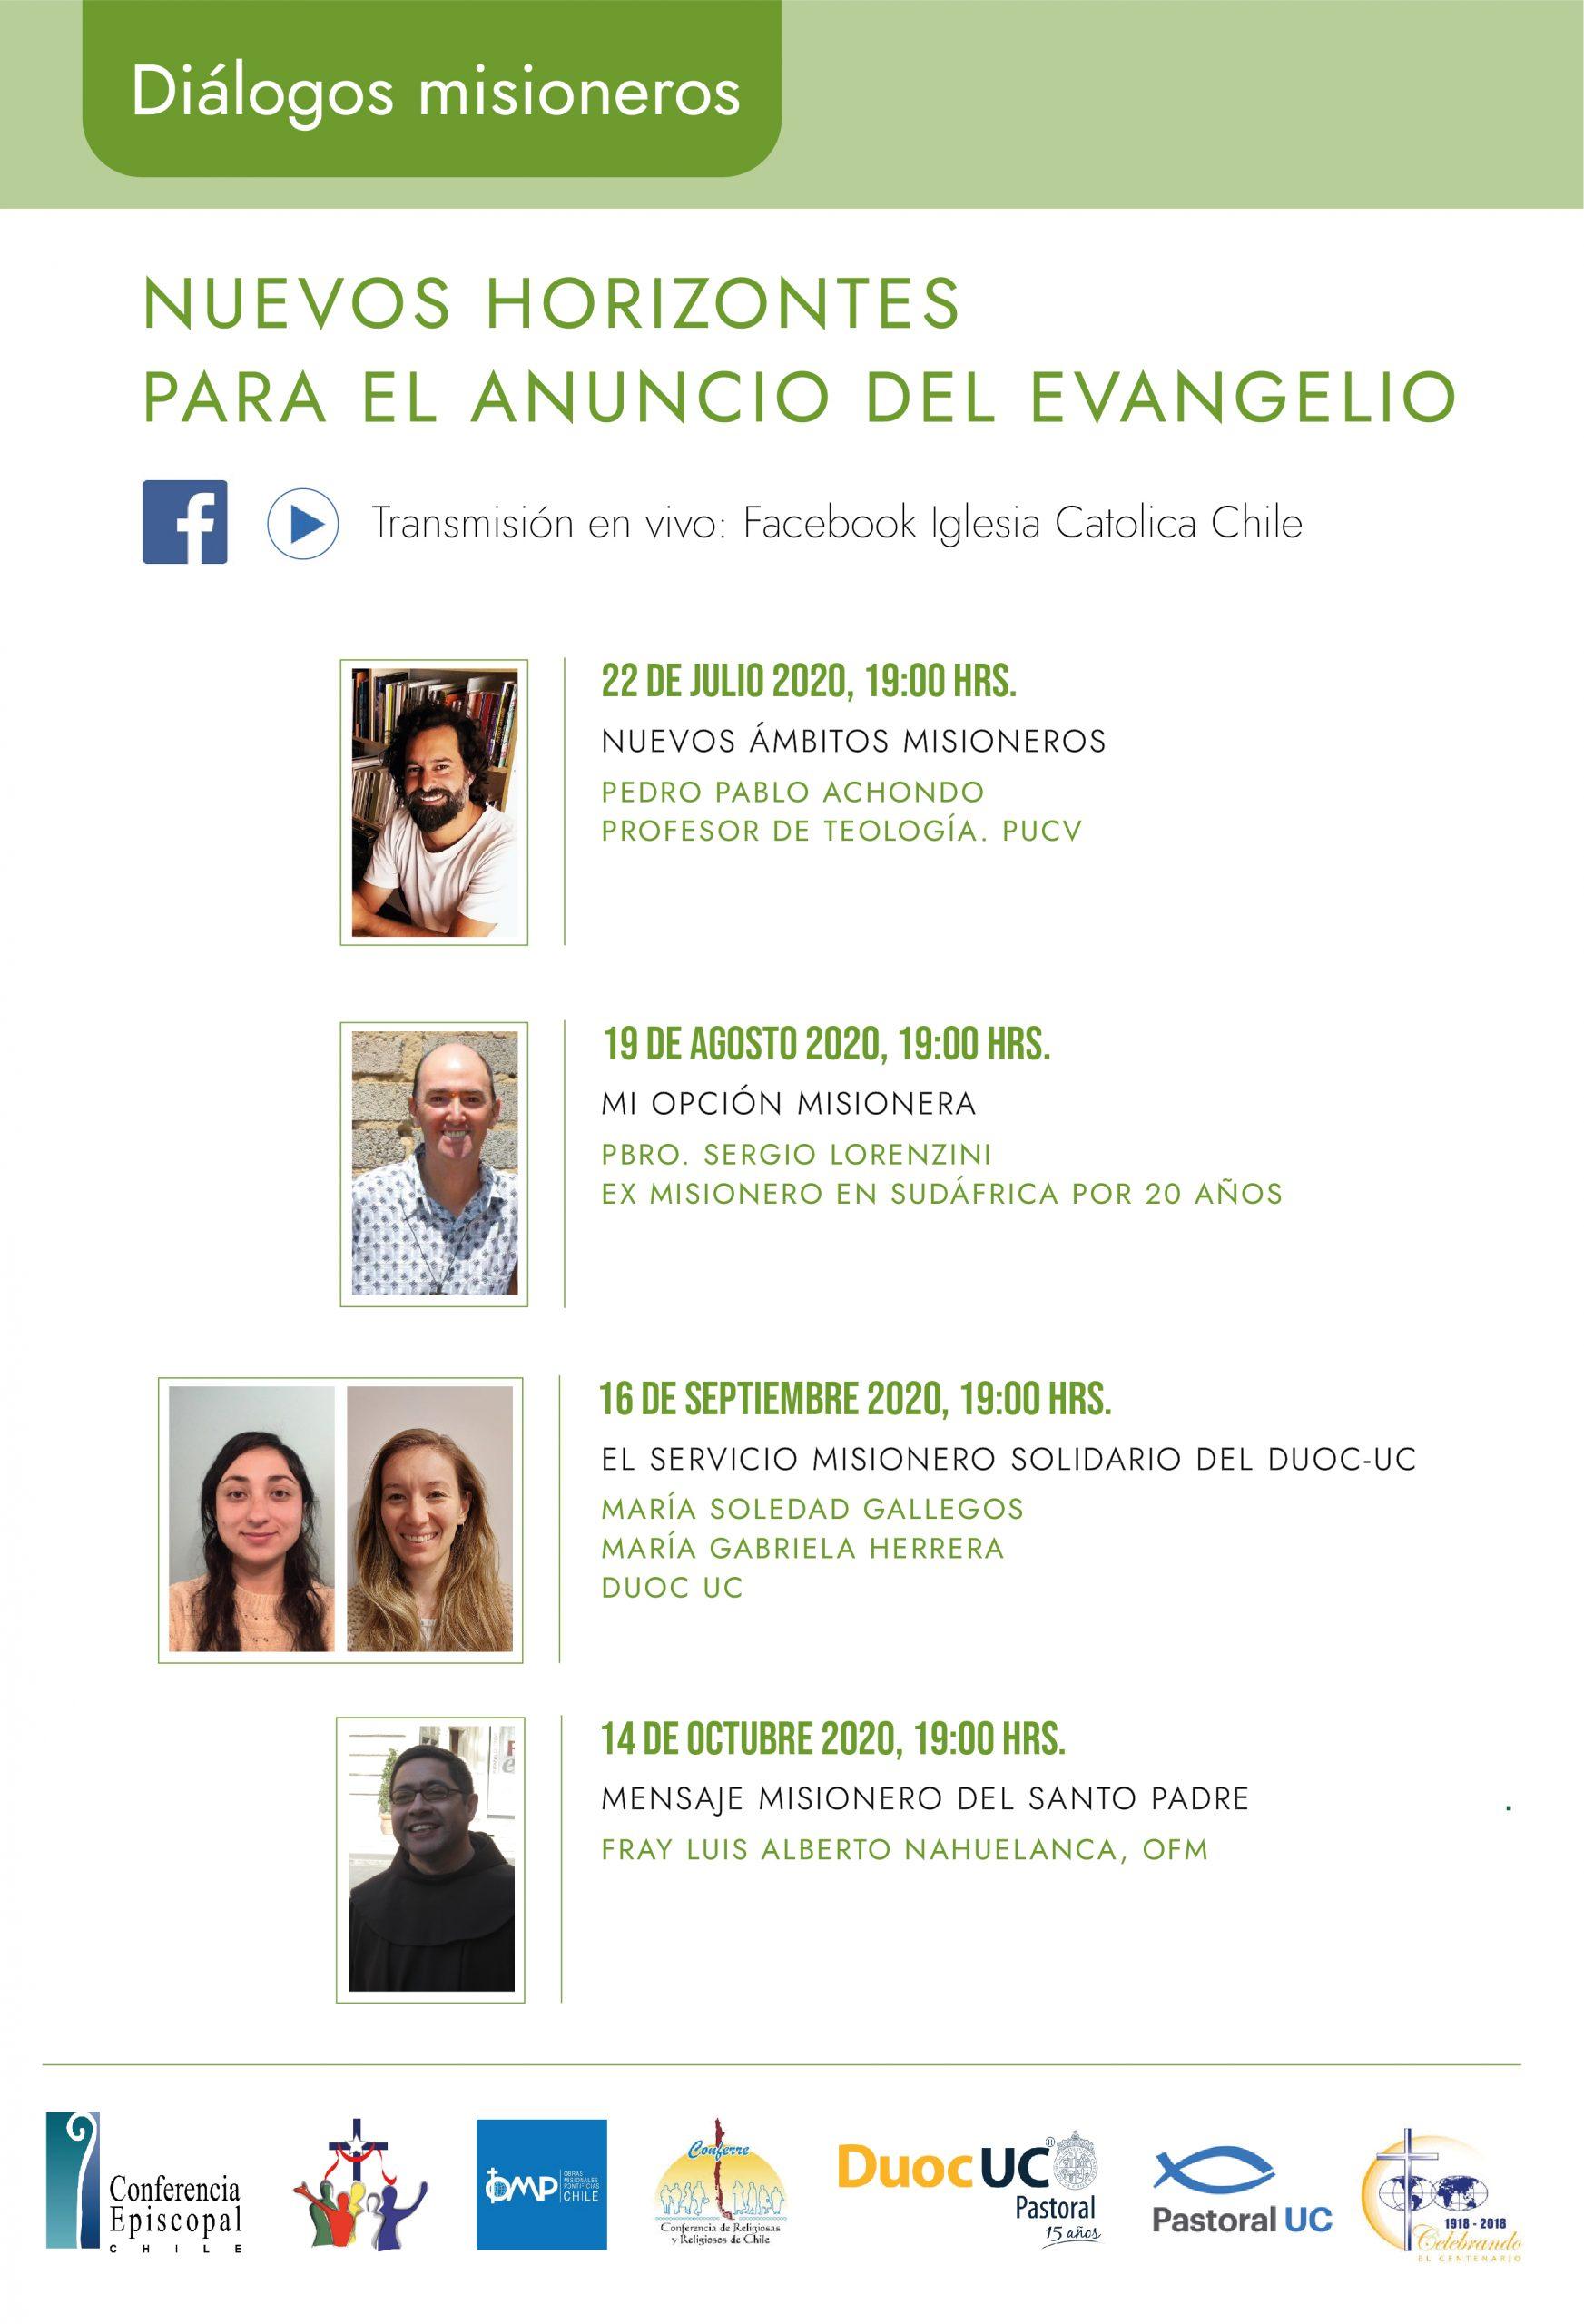 Diálogos Misioneros